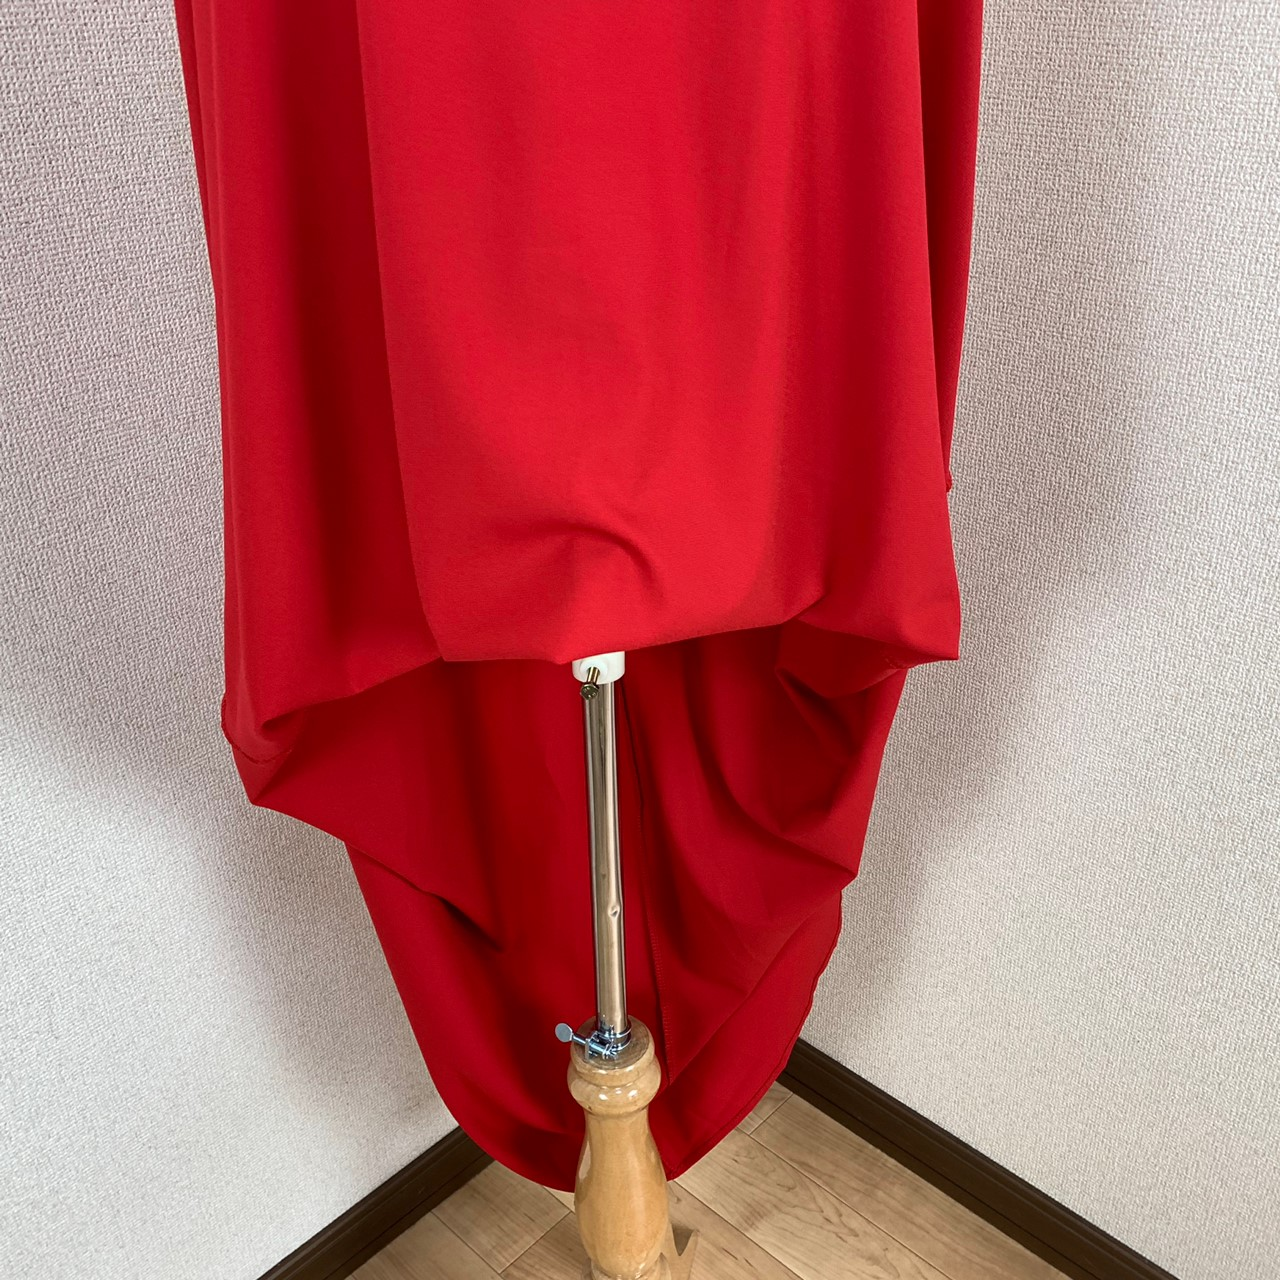 韓国 ファッション ワンピース パーティードレス ロング マキシ 春 夏 パーティー ブライダル PTXE759 結婚式 お呼ばれ バイカラー レース使い イレギュラーヘム  二次会 セレブ きれいめの写真17枚目